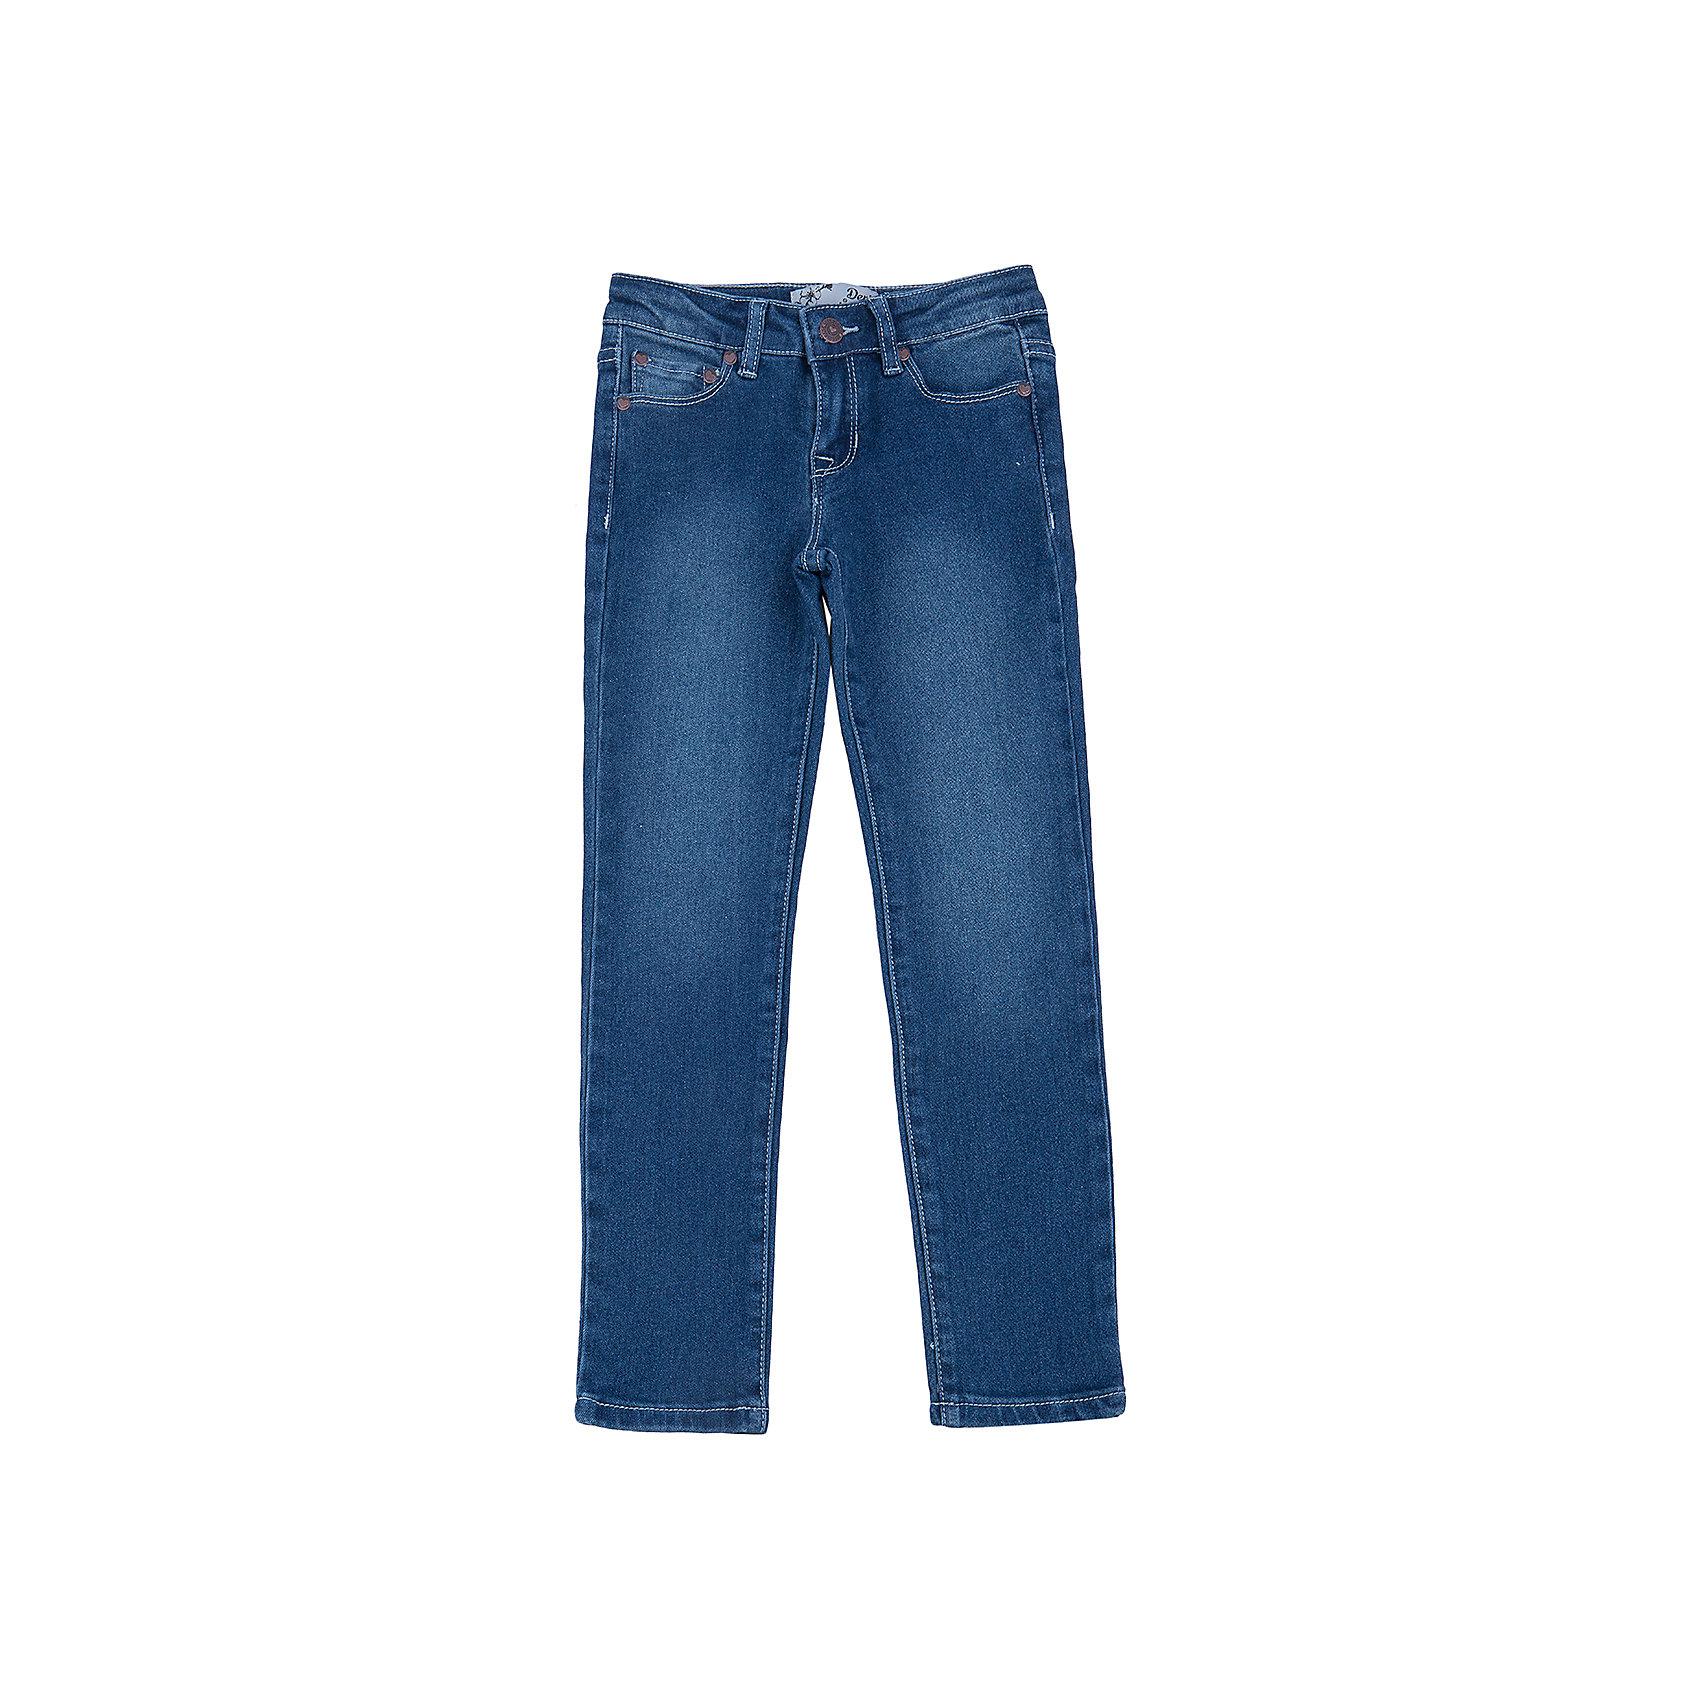 Джинсы для девочки SELAДжинсовая одежда<br>Классические джинсы - незаменимая вещь в детском гардеробе. Эта модель отлично сидит на ребенке, она сшита из плотного материала, натуральный хлопок не вызывает аллергии и обеспечивает ребенку комфорт. Модель станет отличной базовой вещью, которая будет уместна в различных сочетаниях.<br>Одежда от бренда Sela (Села) - это качество по приемлемым ценам. Многие российские родители уже оценили преимущества продукции этой компании и всё чаще приобретают одежду и аксессуары Sela.<br><br>Дополнительная информация:<br><br>цвет: синий;<br>материал: 65% хлопок, 33% ПЭ, 2% эластан;<br>плотный материал;<br>классический силуэт.<br><br>Джинсы для девочки от бренда Sela можно купить в нашем интернет-магазине.<br><br>Ширина мм: 215<br>Глубина мм: 88<br>Высота мм: 191<br>Вес г: 336<br>Цвет: голубой<br>Возраст от месяцев: 132<br>Возраст до месяцев: 144<br>Пол: Женский<br>Возраст: Детский<br>Размер: 152,116,122,128,134,140,146<br>SKU: 4944030